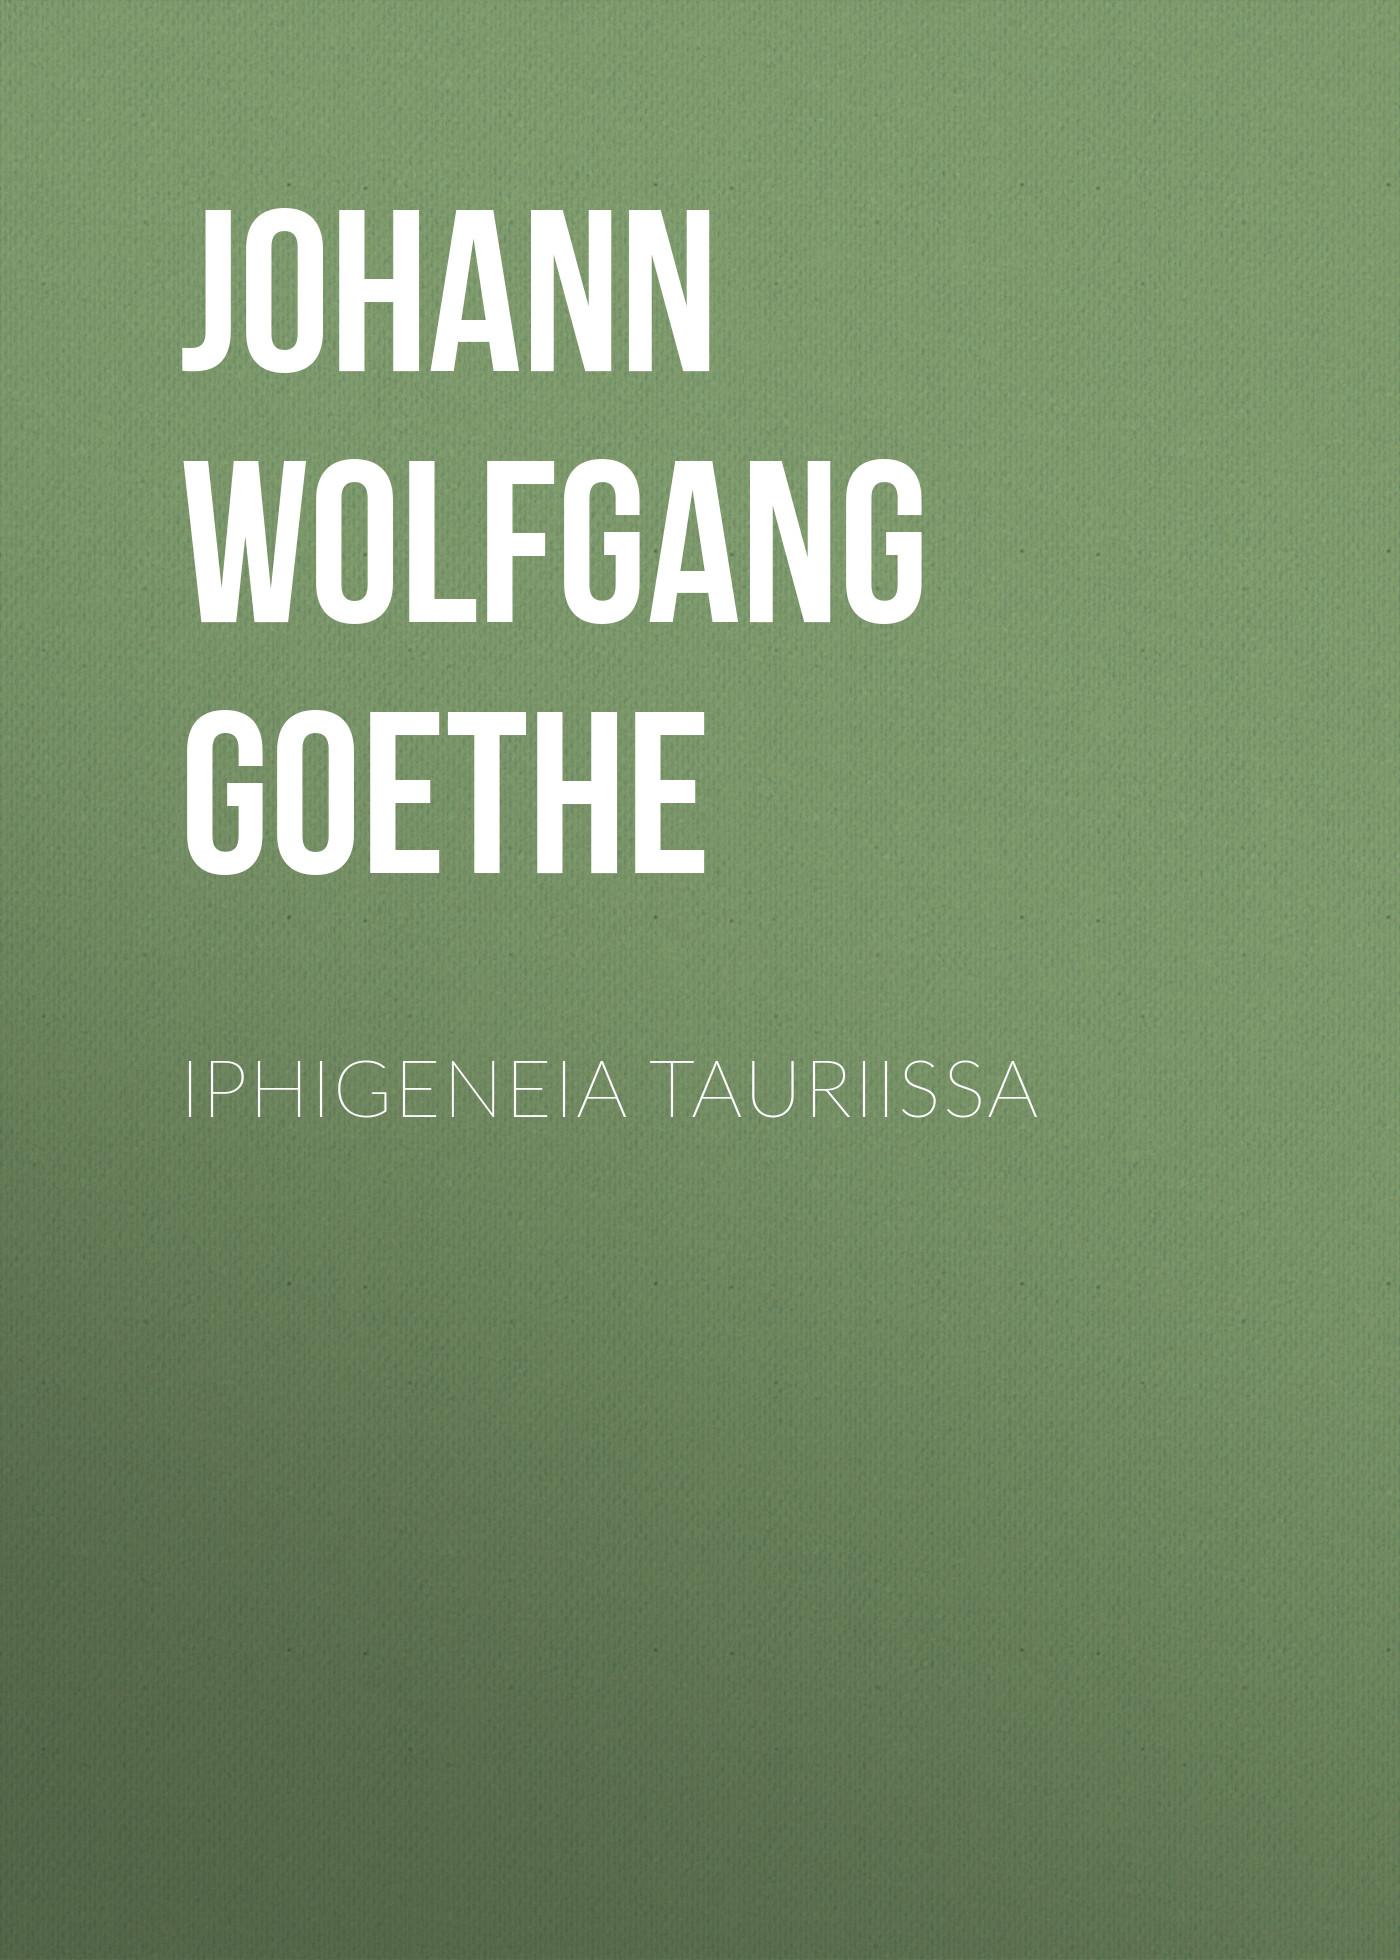 Иоганн Вольфганг фон Гёте Iphigeneia Tauriissa цена